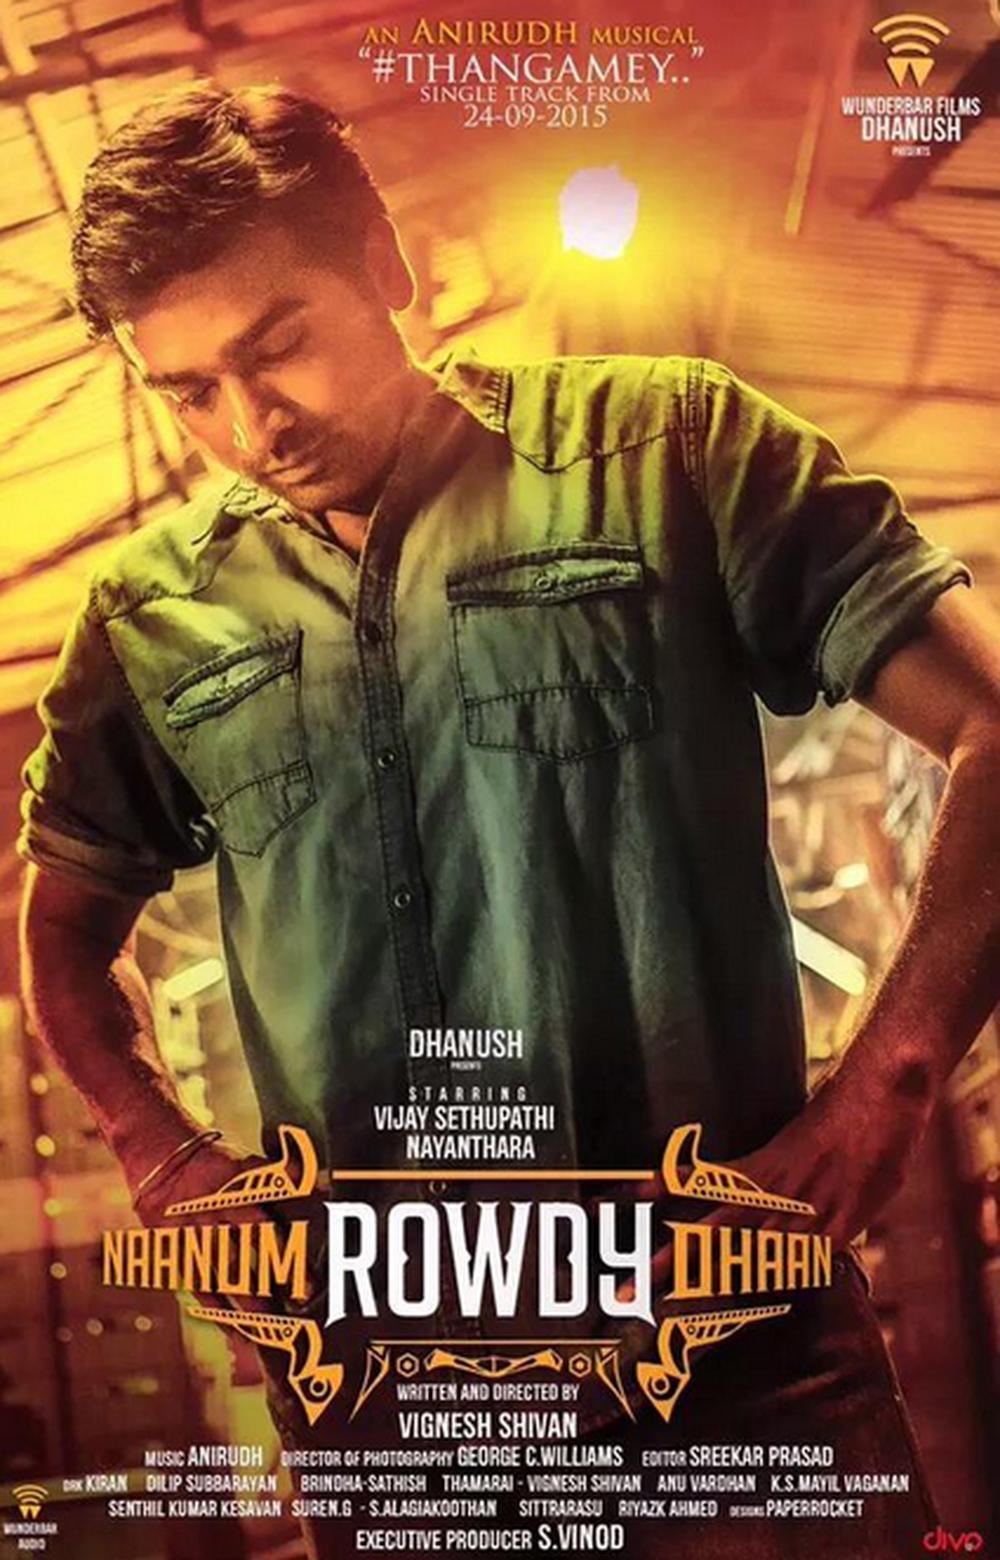 Naanum Rowdydhaan Movie Review